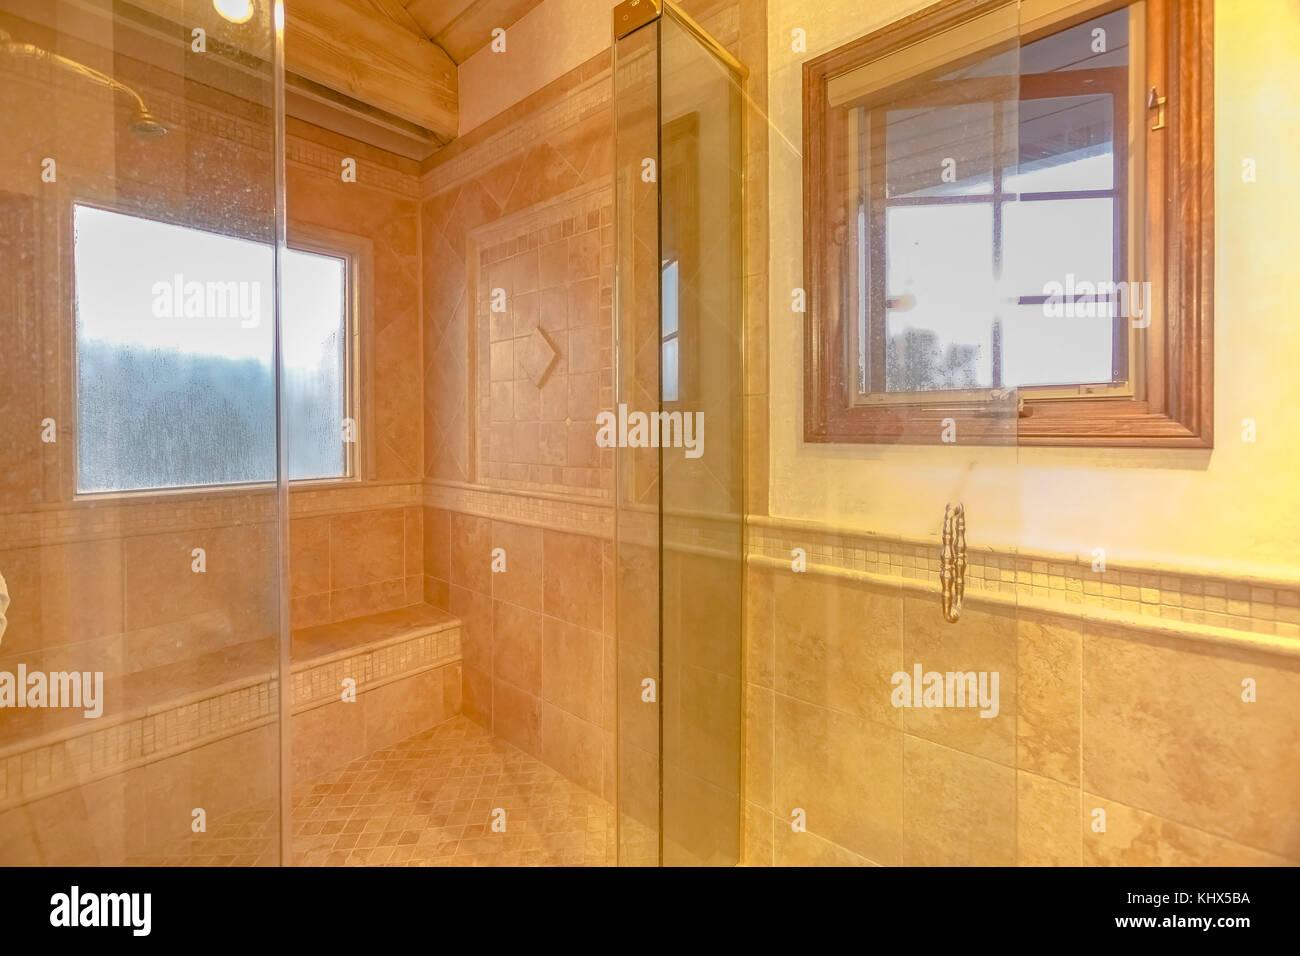 Geräumiges Badezimmer in Grautönen mit Fußbodenheizung und ...